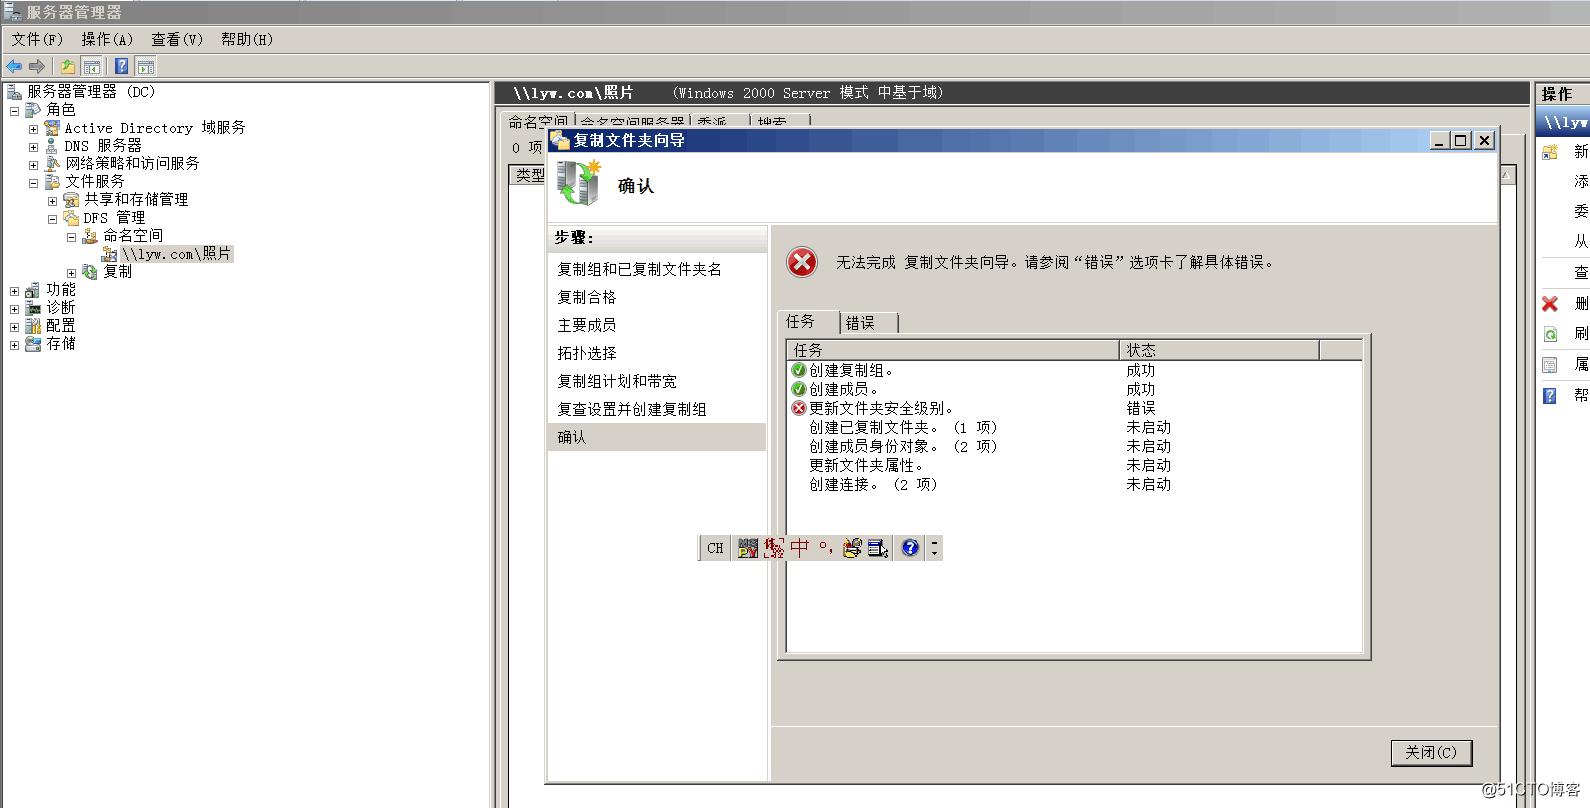 WindowsServer2012 DFS配置出错原因